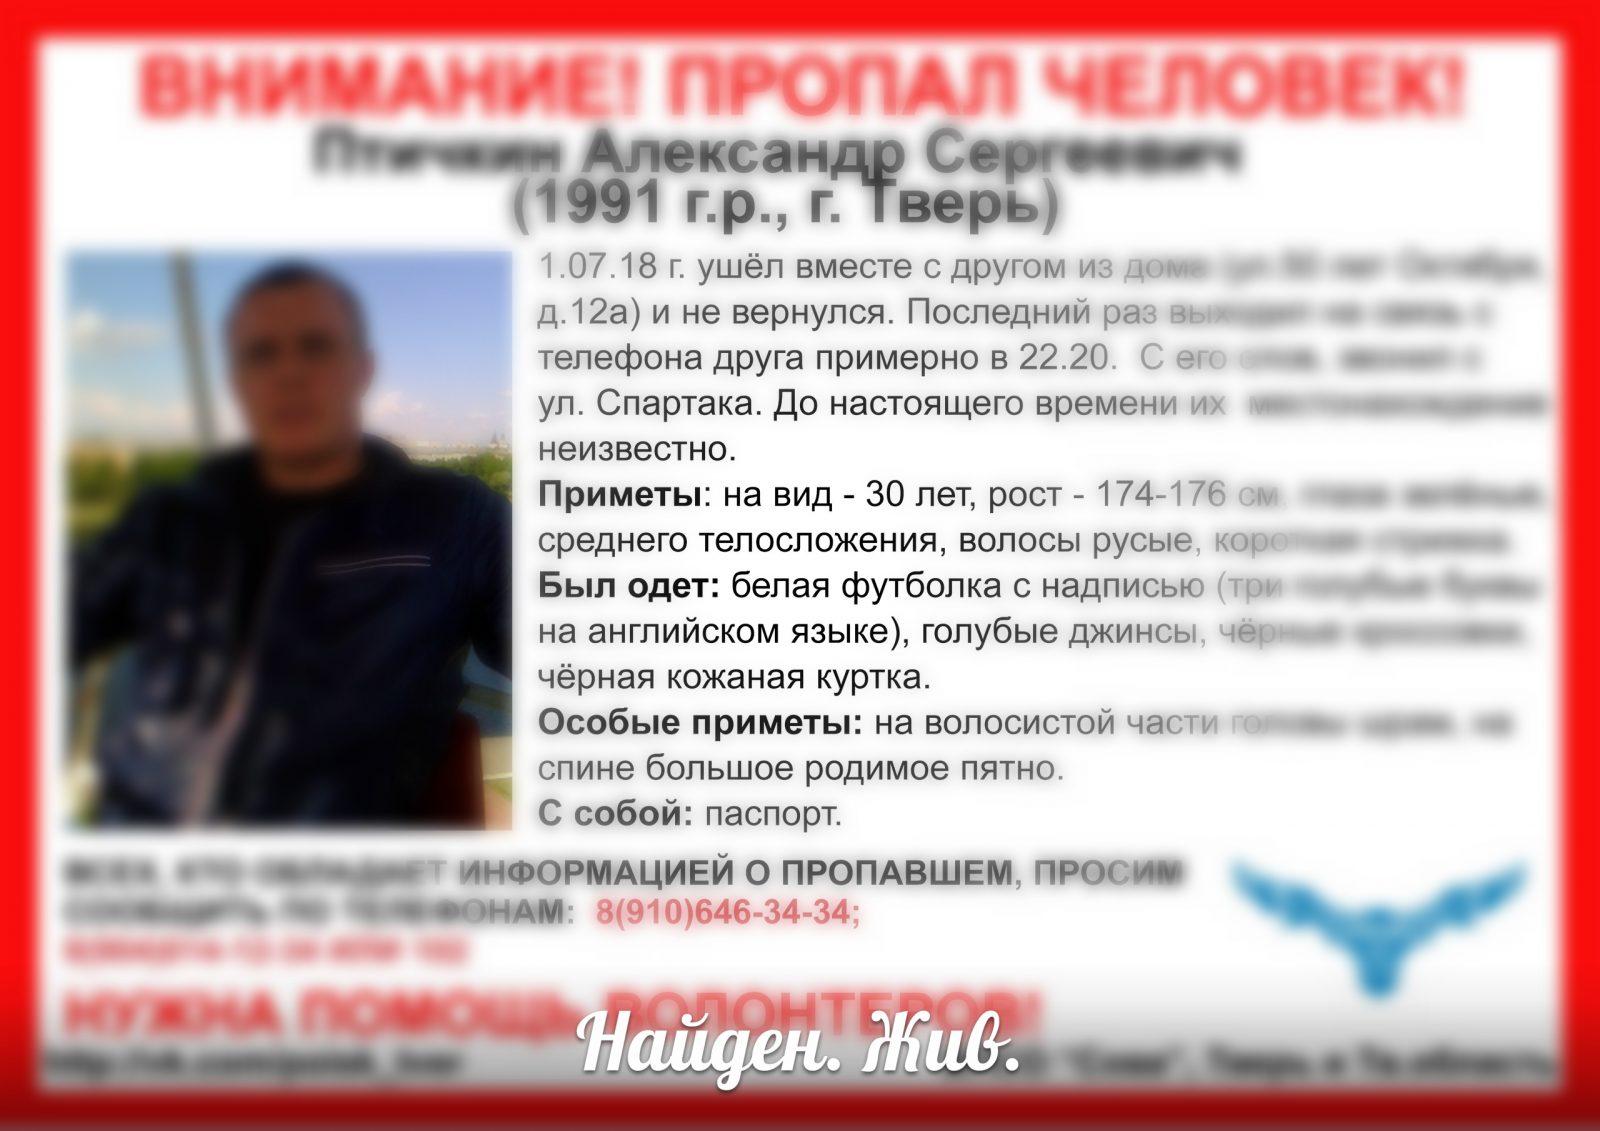 [Жив] Пропал Птичкин Александр Сергеевич (1991 г.р., г. Тверь)